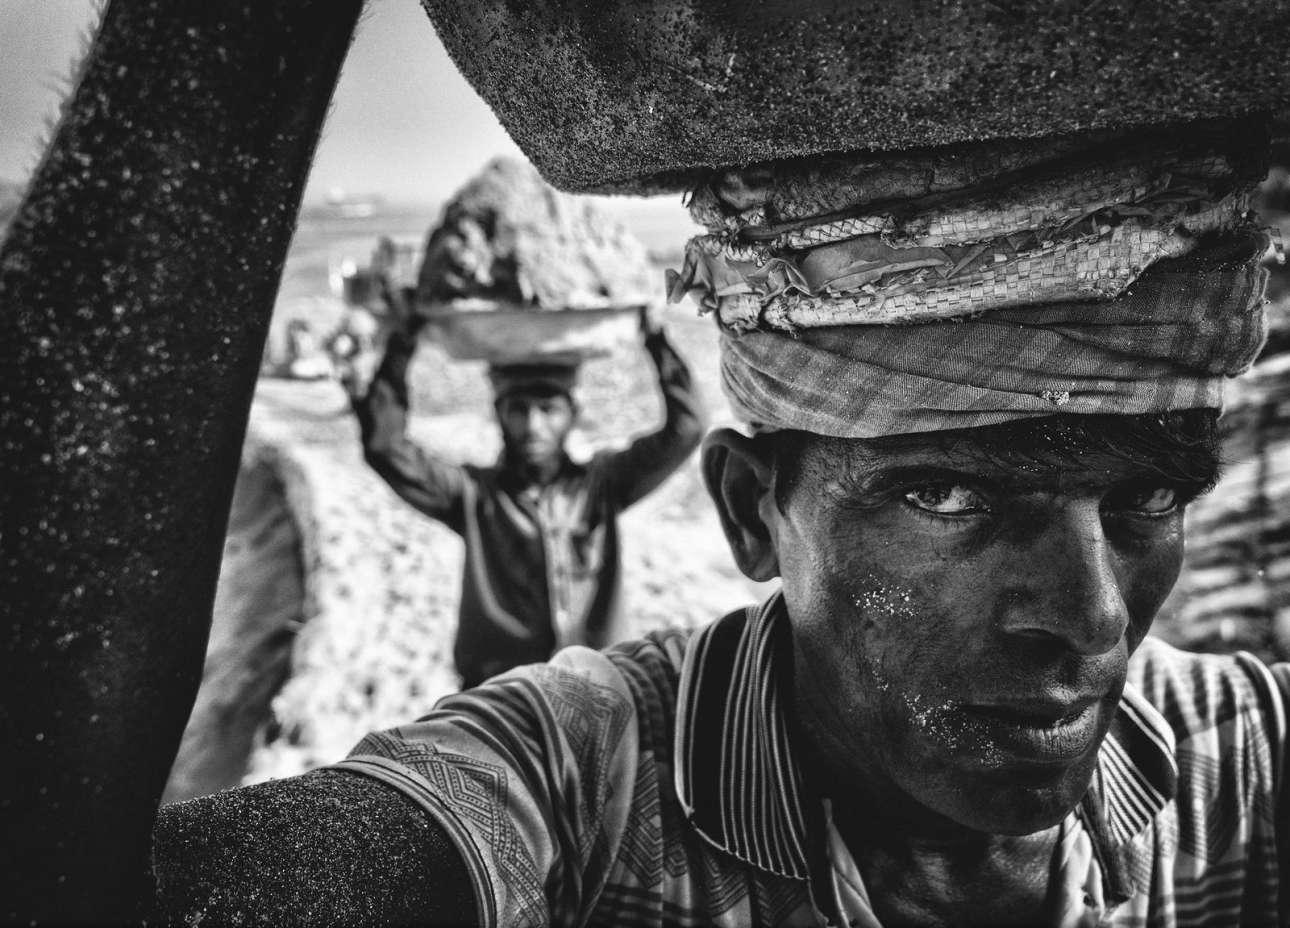 «Αμμοκουβαλητής» - Βραβείο κοινού, κατηγορία Ανθρωποι. Μία εξαιρετική σύνθεση, ένα δυνατό κάδρο: αχθοφόροι μεταφέρουν άμμο στις όχθες του ποταμού Νταλεσουάρι στο Μπαγκλαντές